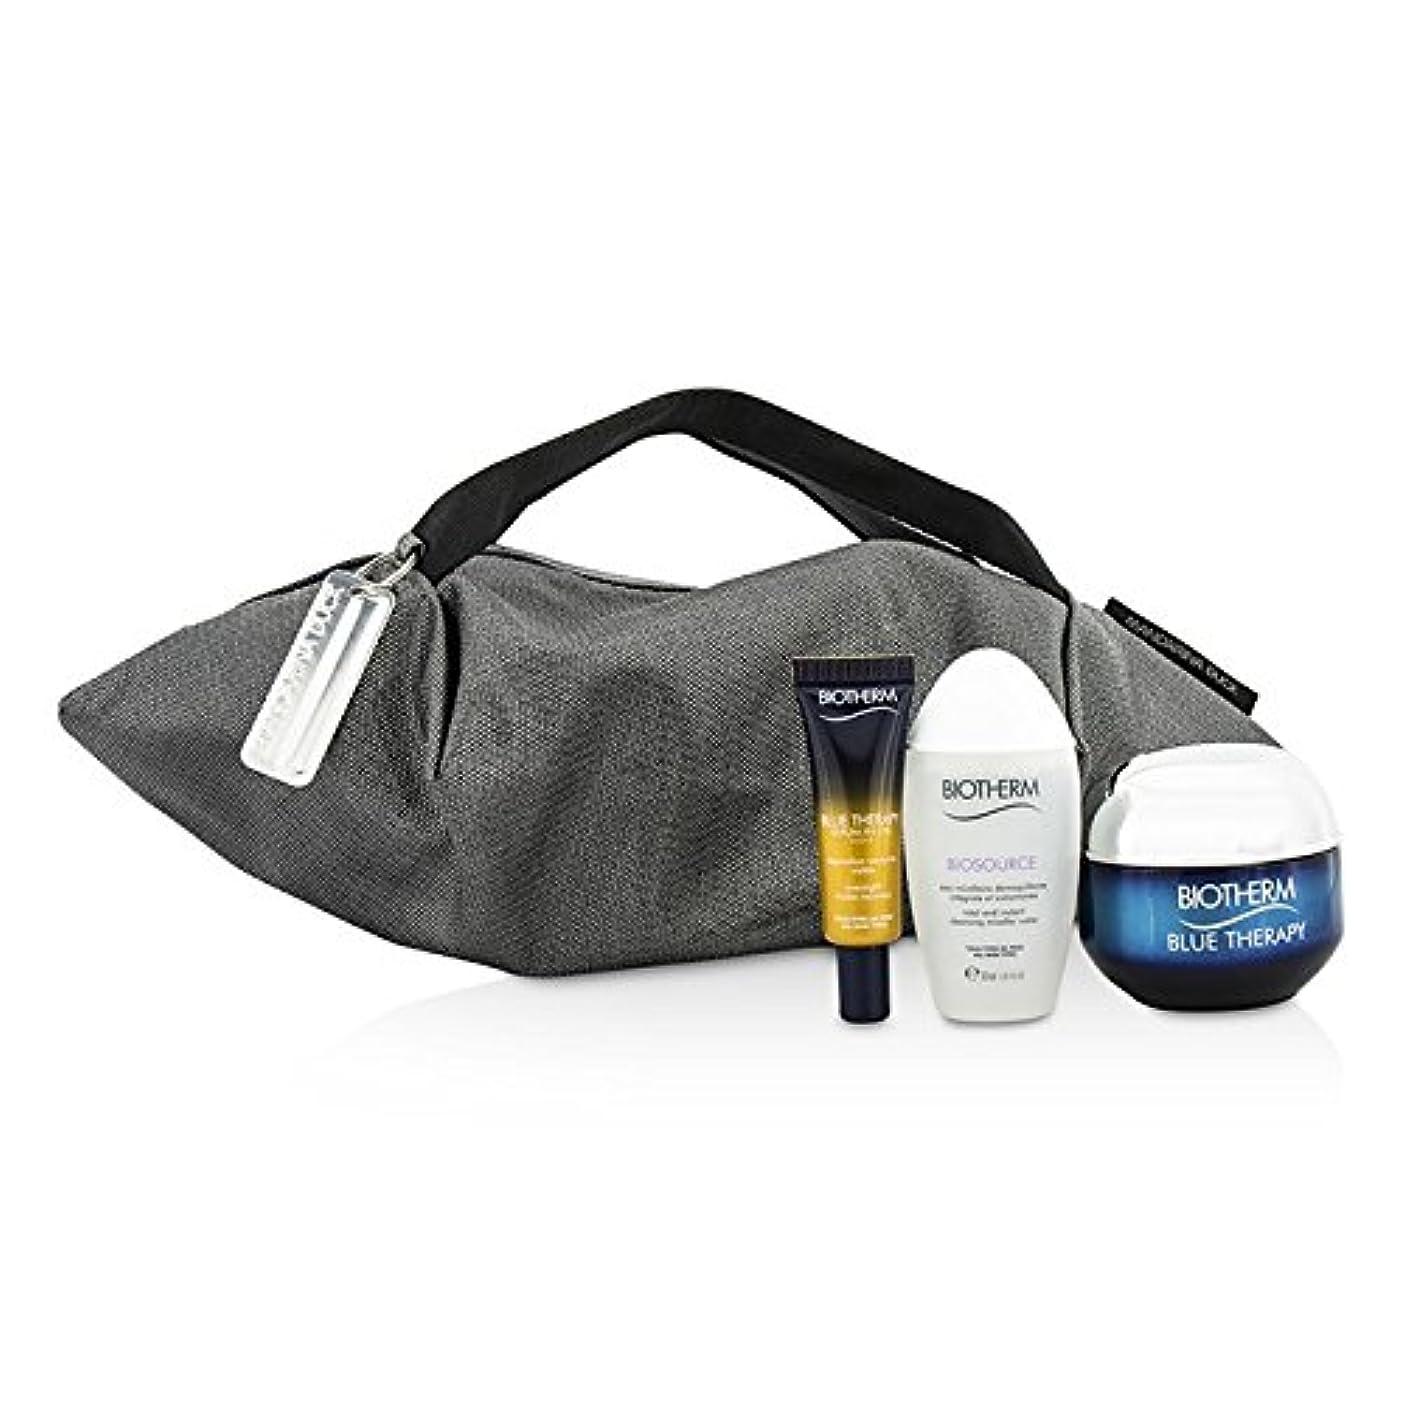 品種マウスピース無能ビオテルム Blue Therapy X Mandarina Duck Coffret: Cream SPF15 N/C 50ml + Serum-In-Oil 10ml + Cleansing Water 30ml + Handle Bag 3pcs+1bag並行輸入品